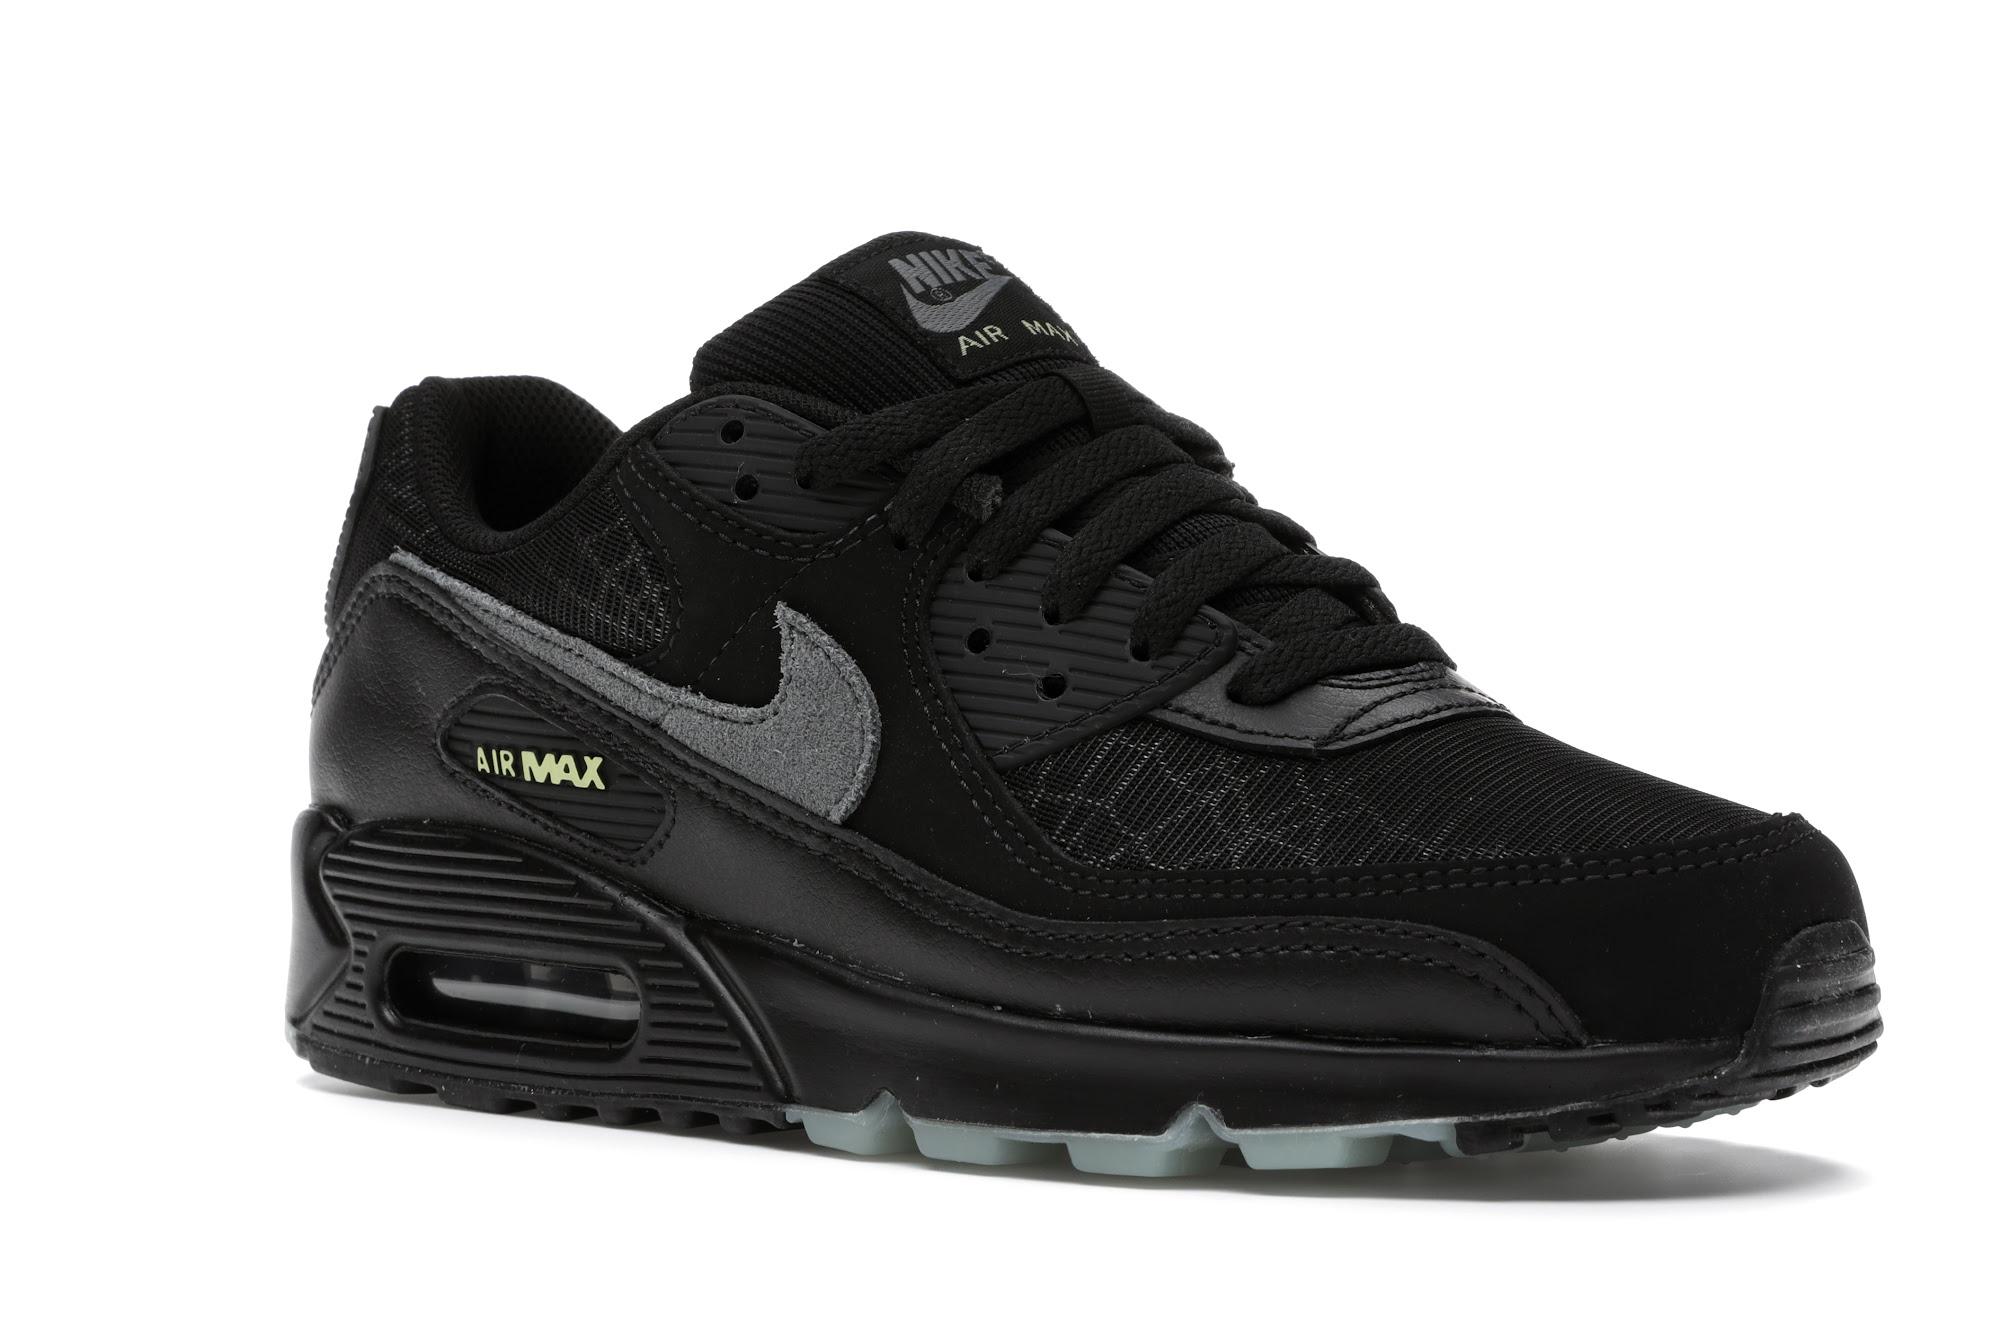 Nike Air Max 90 Halloween (2020) - DC3892-001